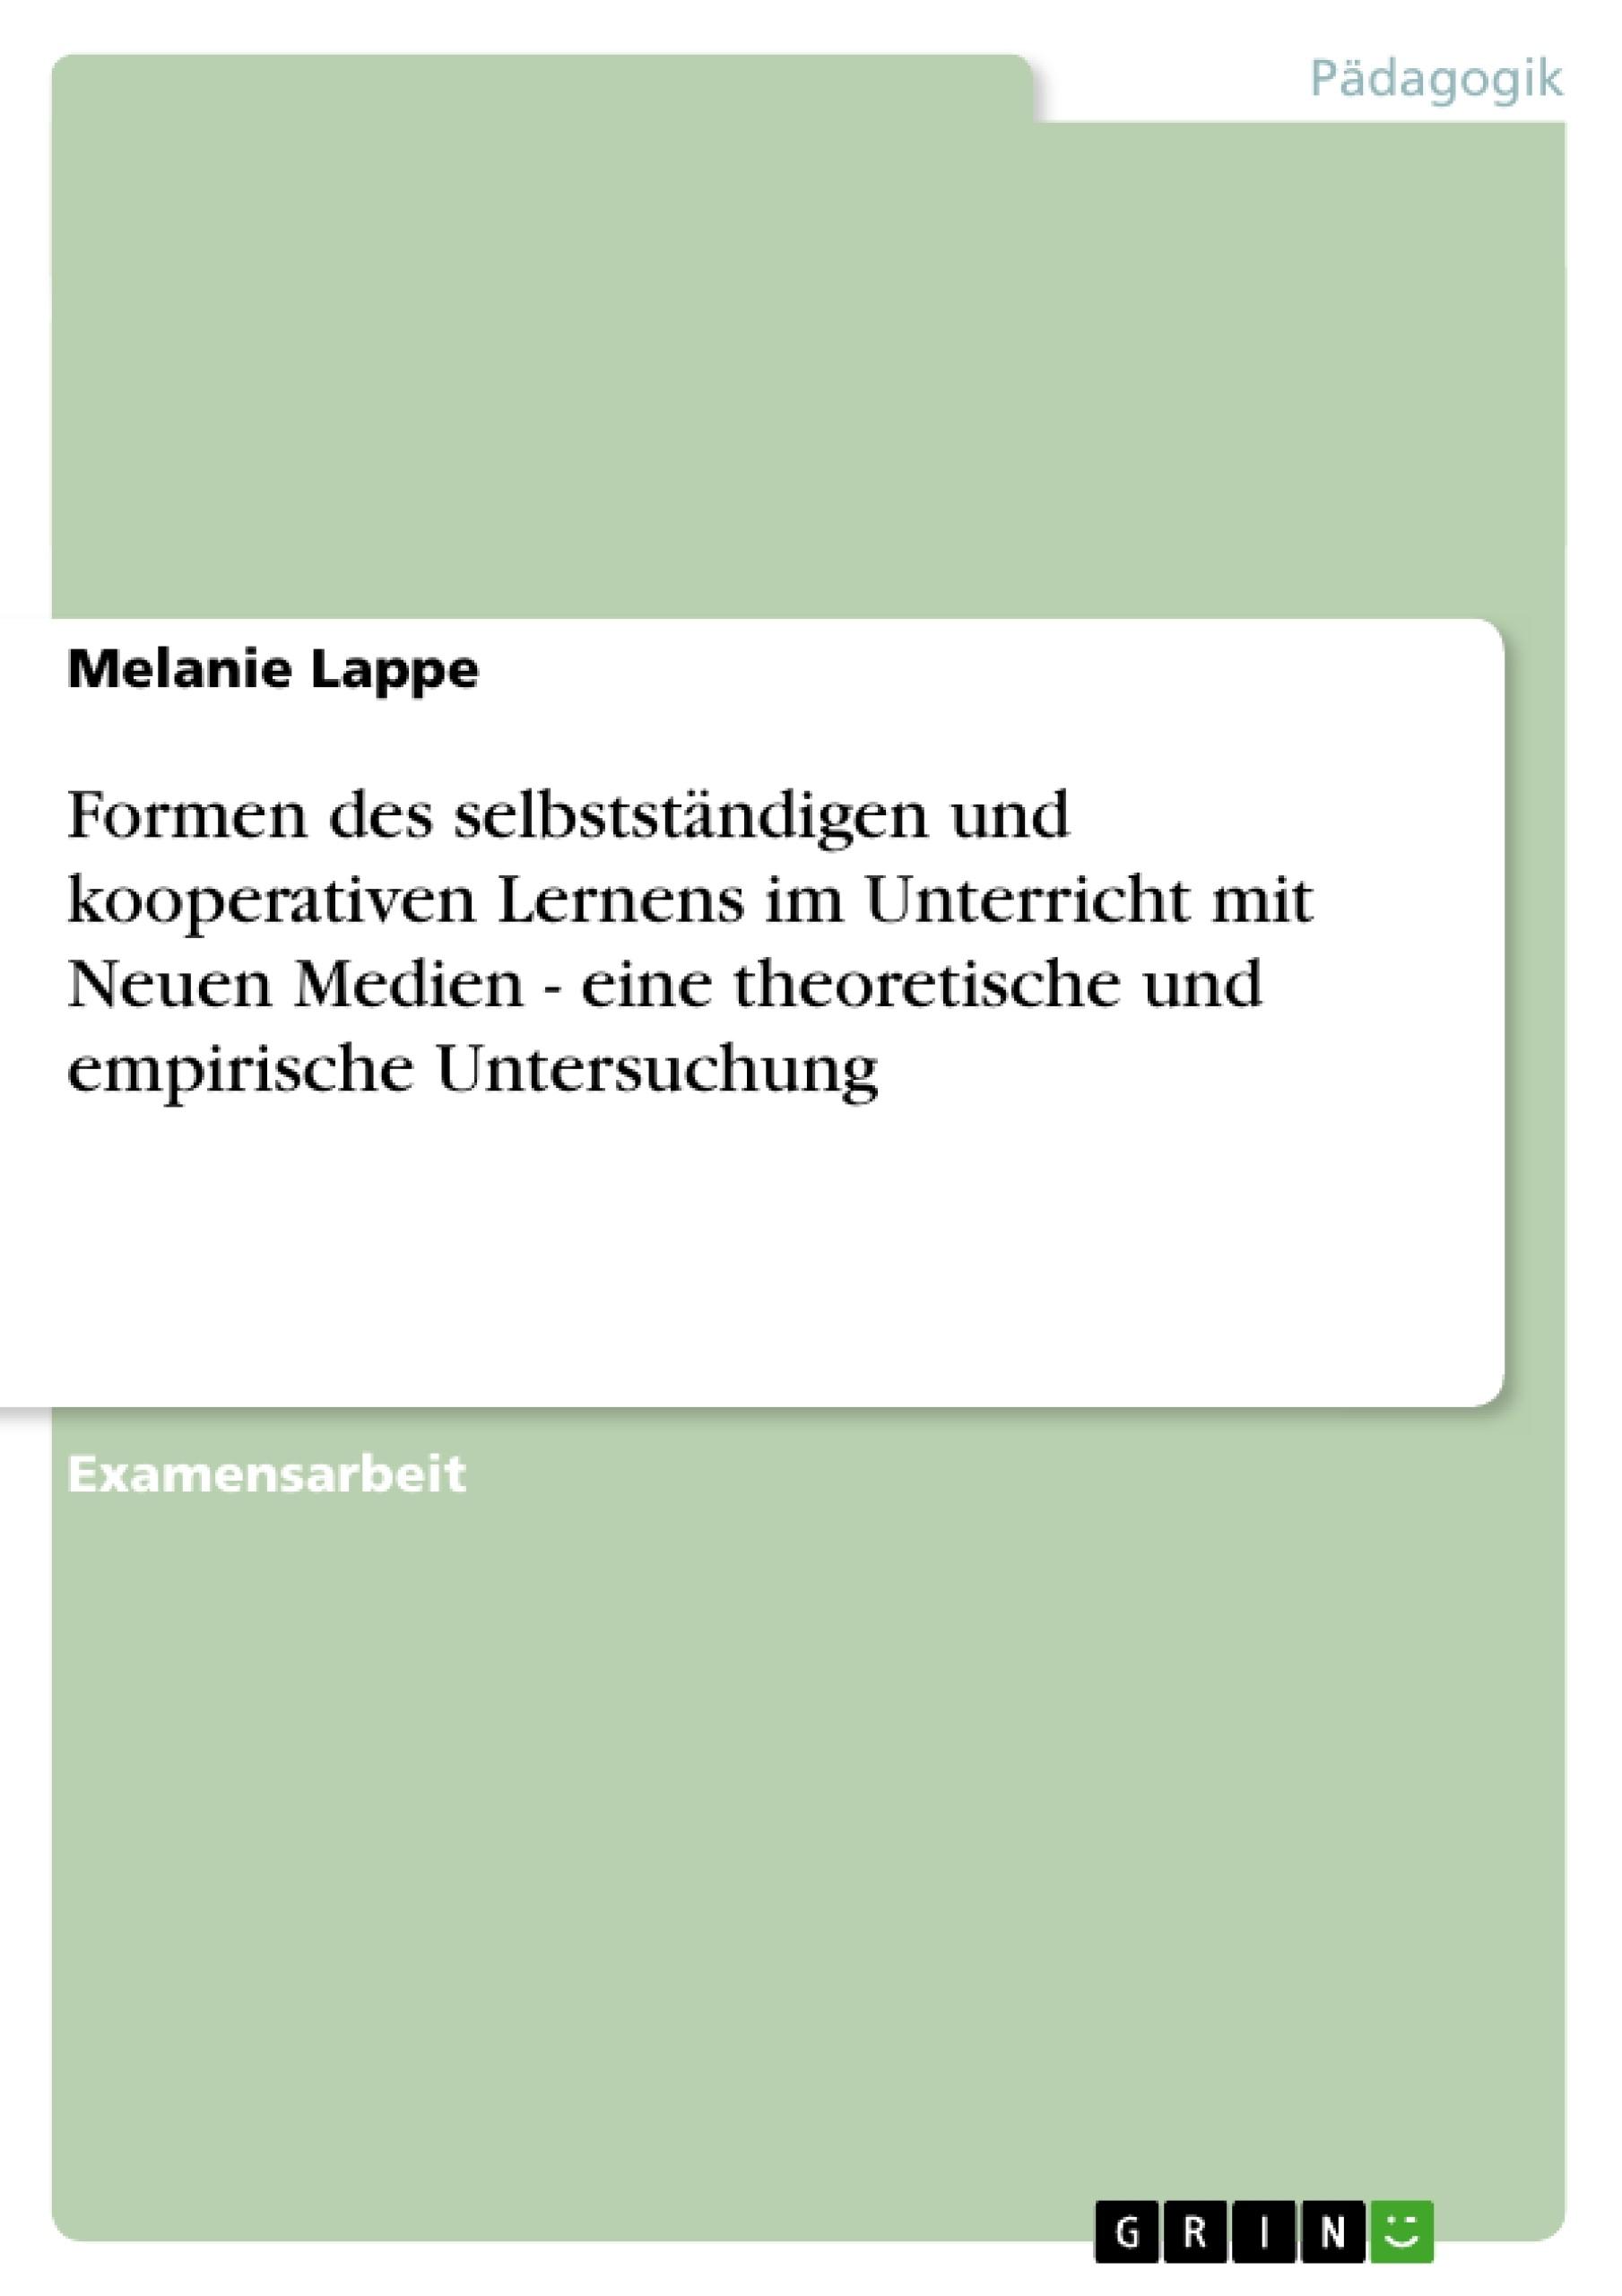 Titel: Formen des selbstständigen und kooperativen Lernens im Unterricht mit Neuen Medien - eine theoretische und empirische Untersuchung